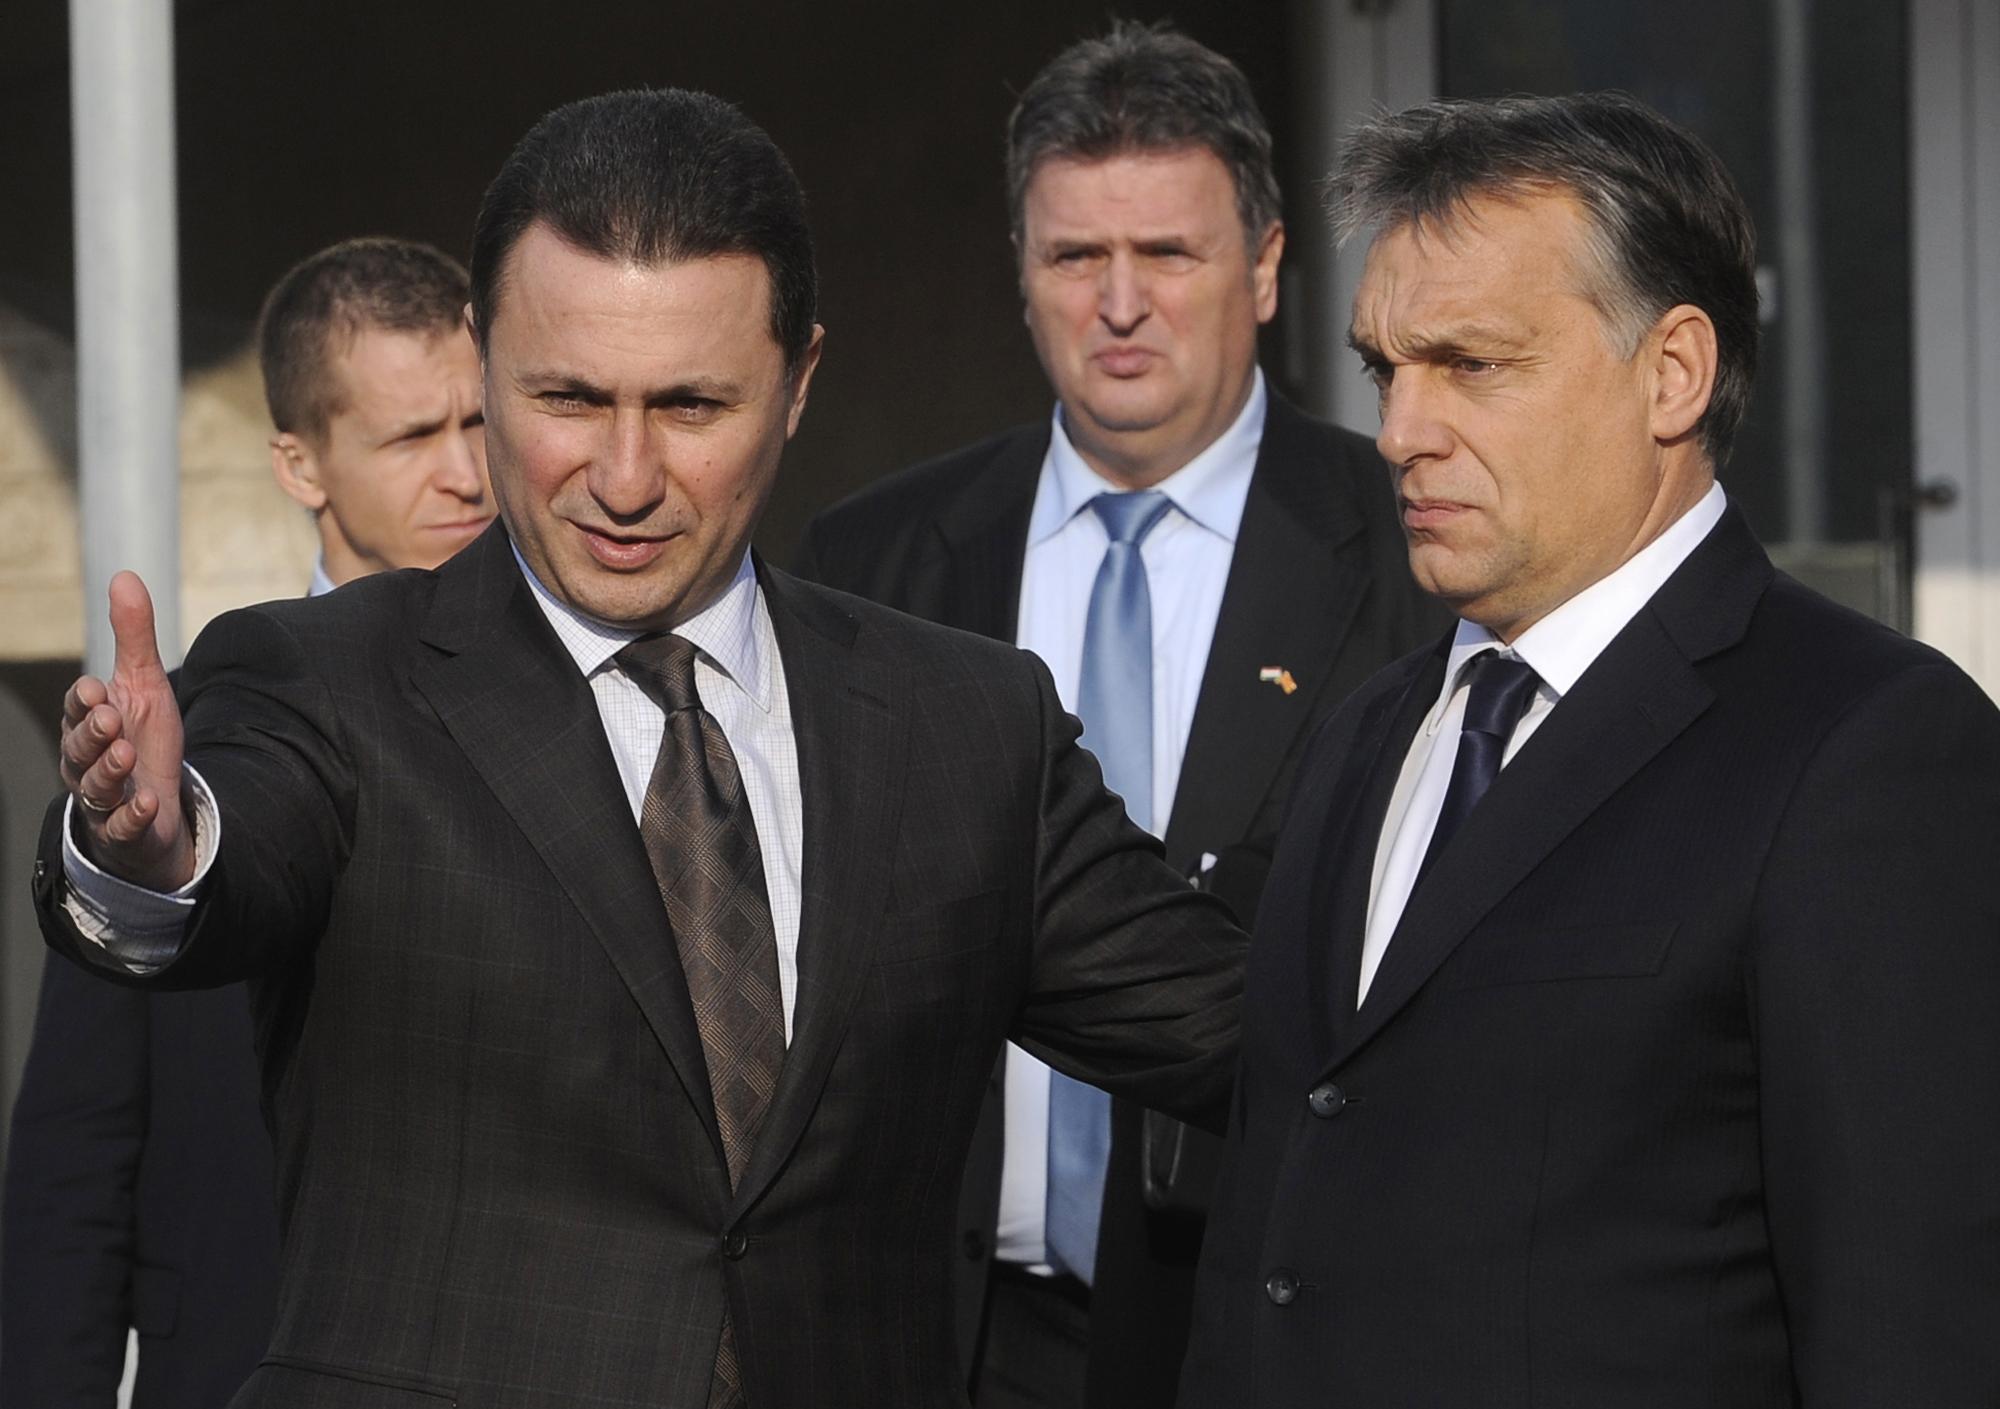 Választási csalásért 3 év börtönre ítélték Gruevszki unokatestvérét